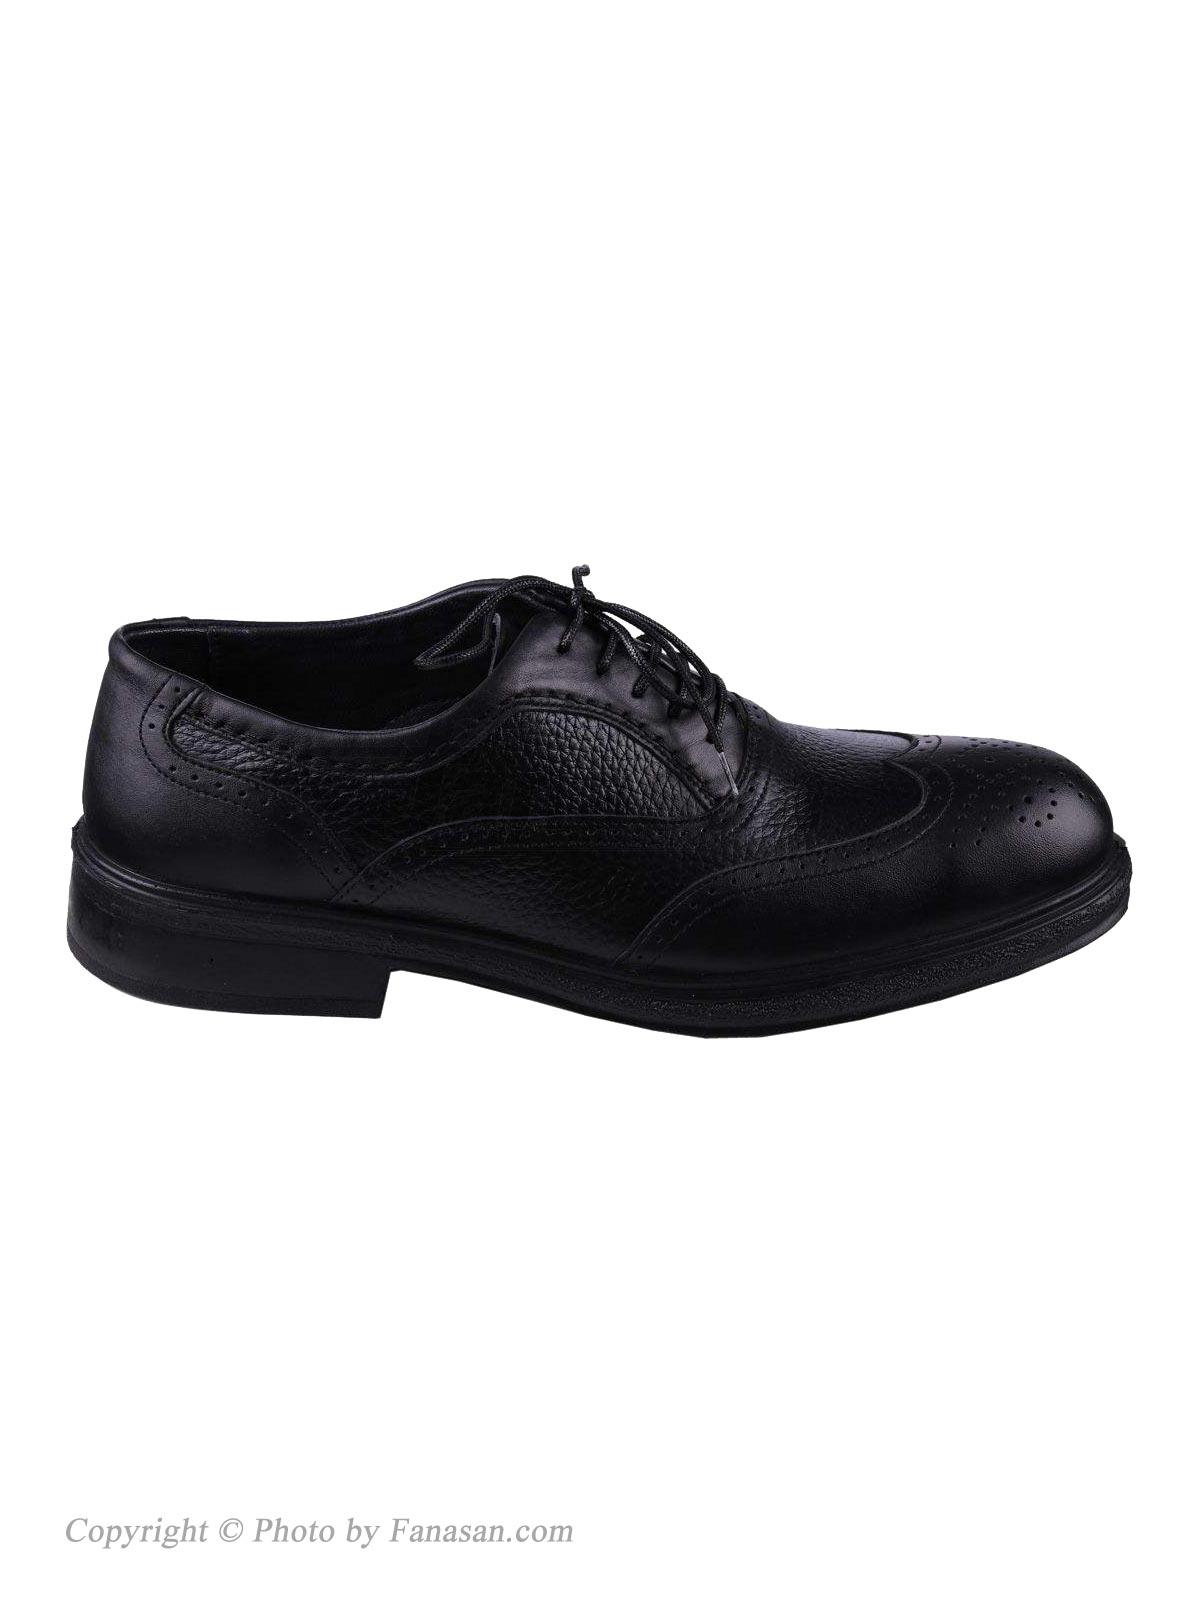 کفش چرم مردانه نهرین طرح هشت ترک مشکی سایز 40